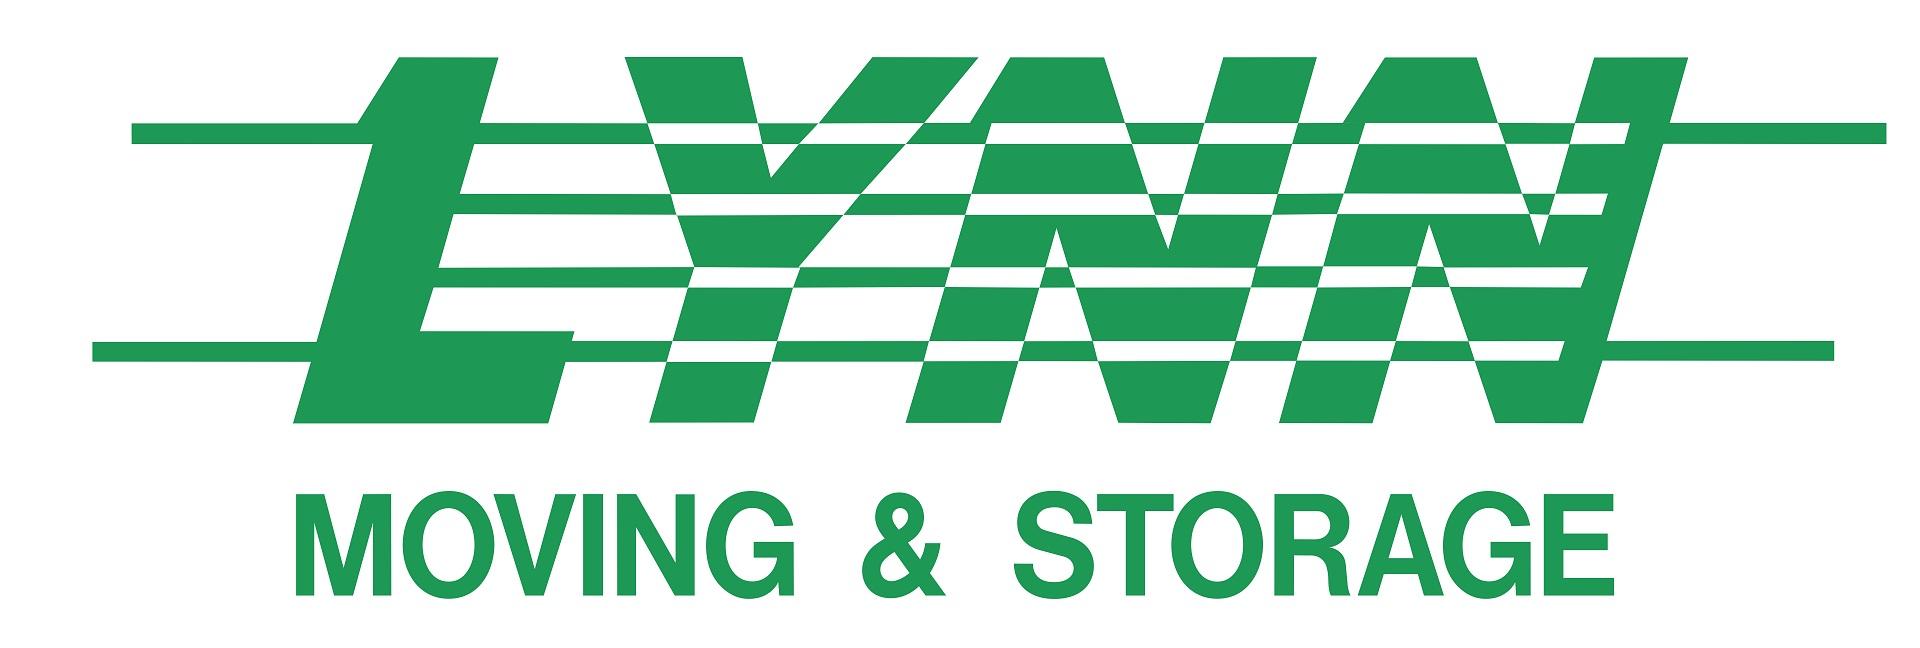 Lynn Moving & Storage Logo